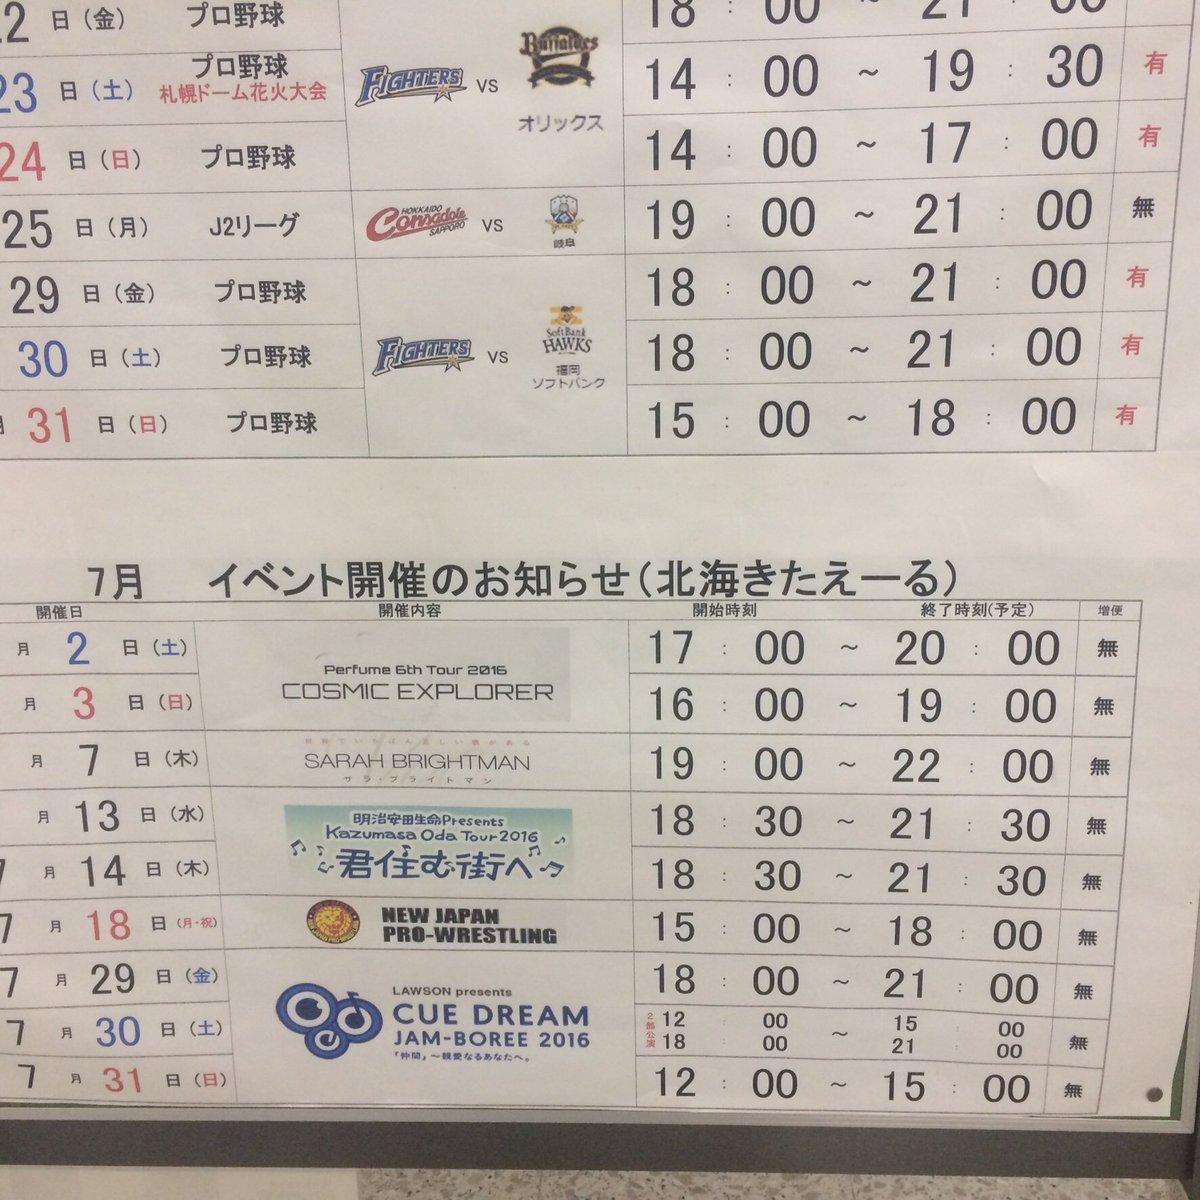 ジャンボリー開催期間中は札幌ドームでやる日ハムの試合に絡めた地下鉄東豊線の増便が予定されているようですが、参戦される方は本当に時間に余裕を持って行動することをオススメします。(特に29日と30日夜) #CDJ2016 https://t.co/dpHqDD4JaD